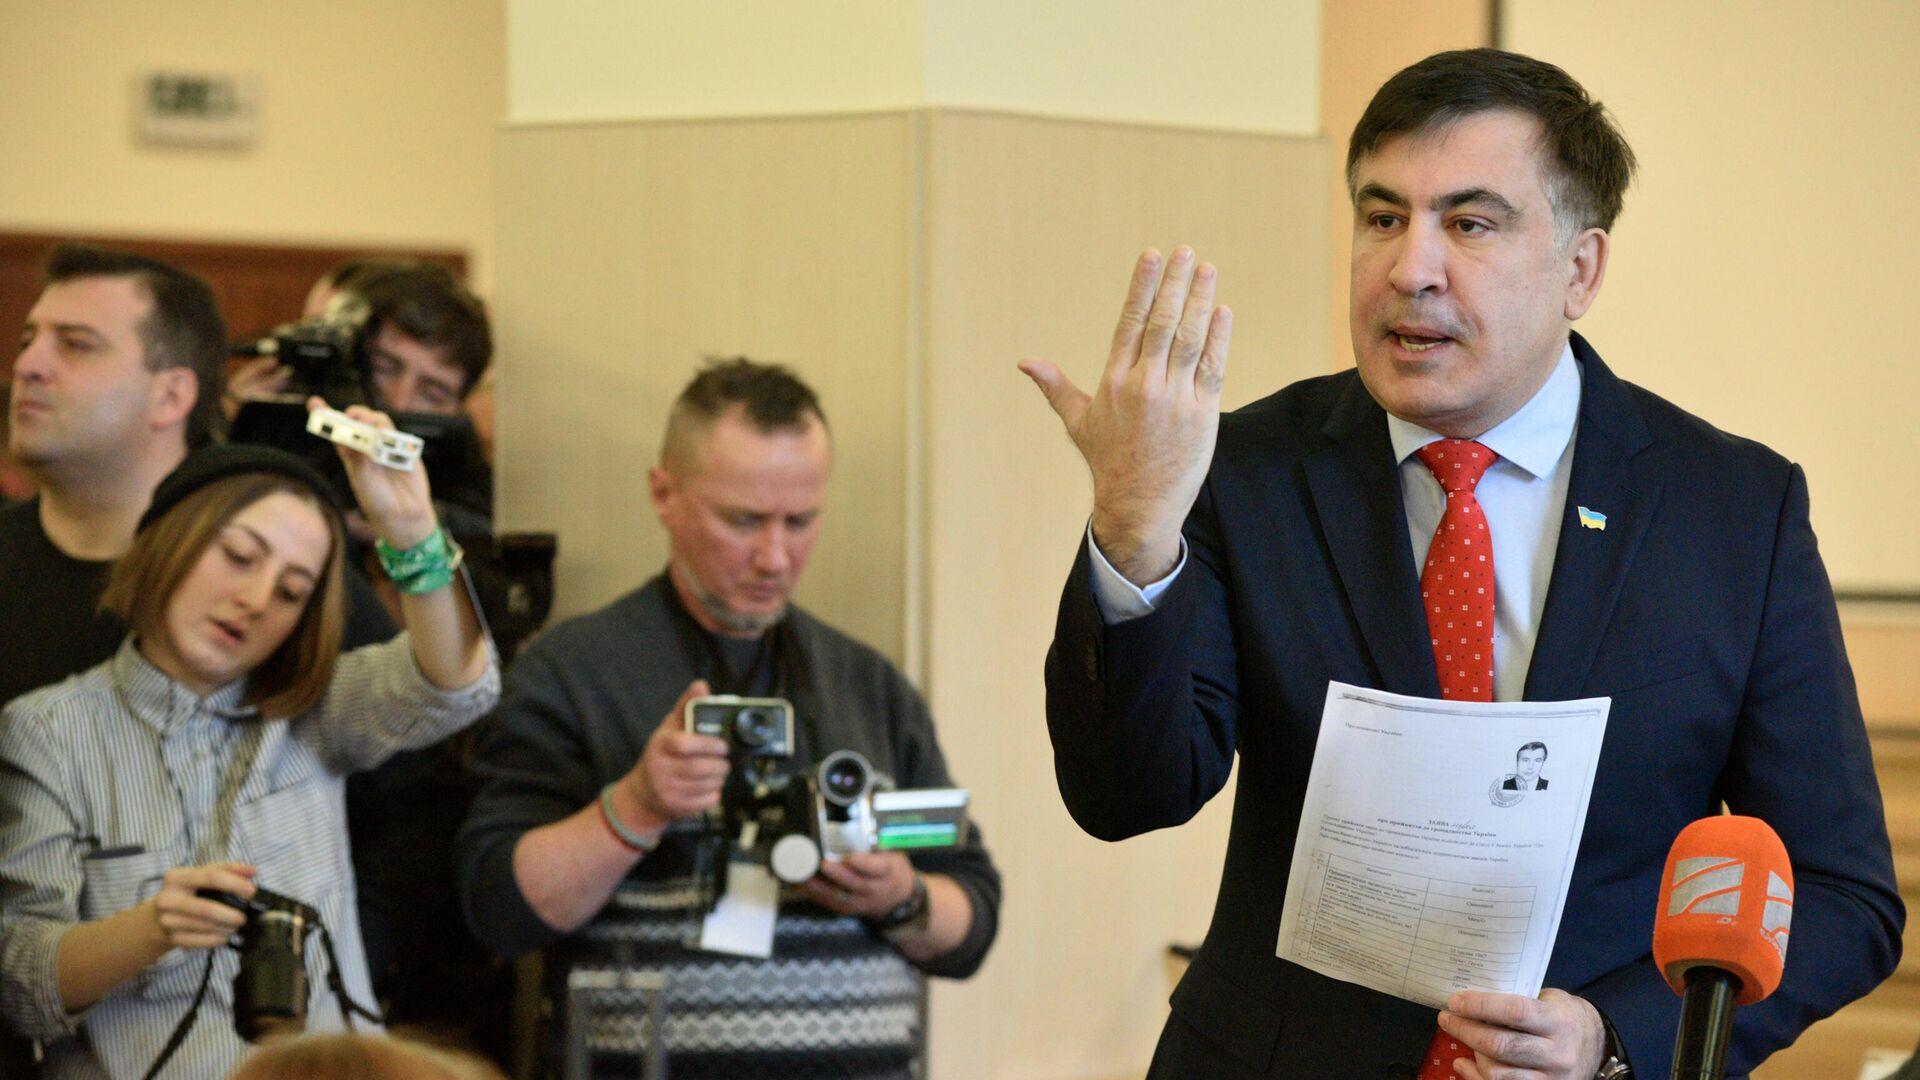 Экс-президент Грузии, бывший губернатор Одесской области Михаил Саакашвили  - Sputnik Азербайджан, 1920, 04.10.2021